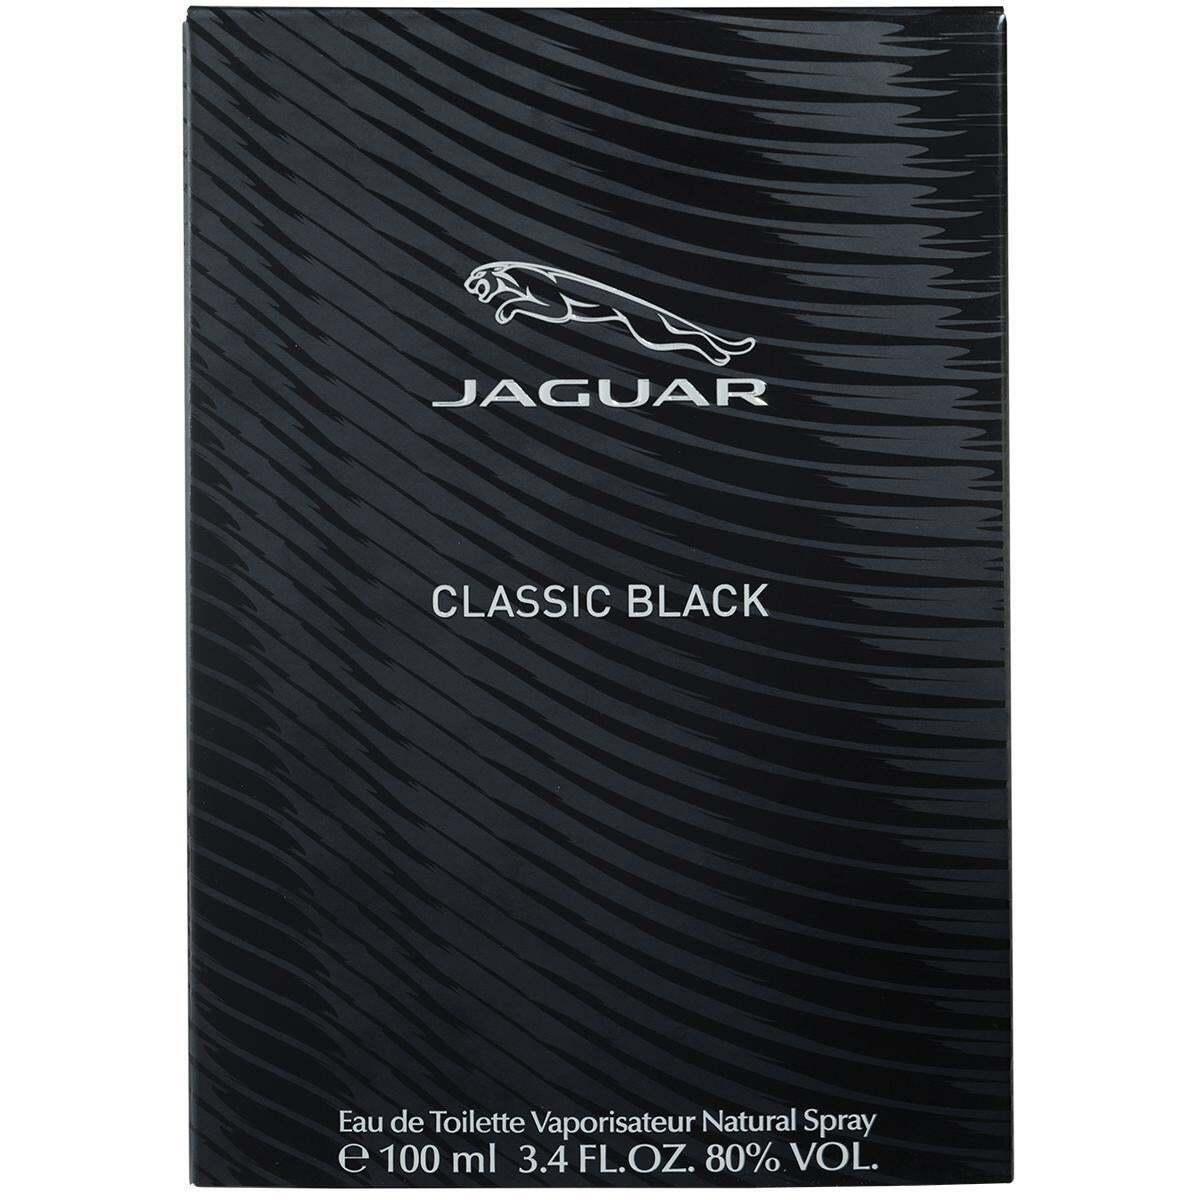 Bild 2 von Jaguar              Classic Black Eau de Toilette